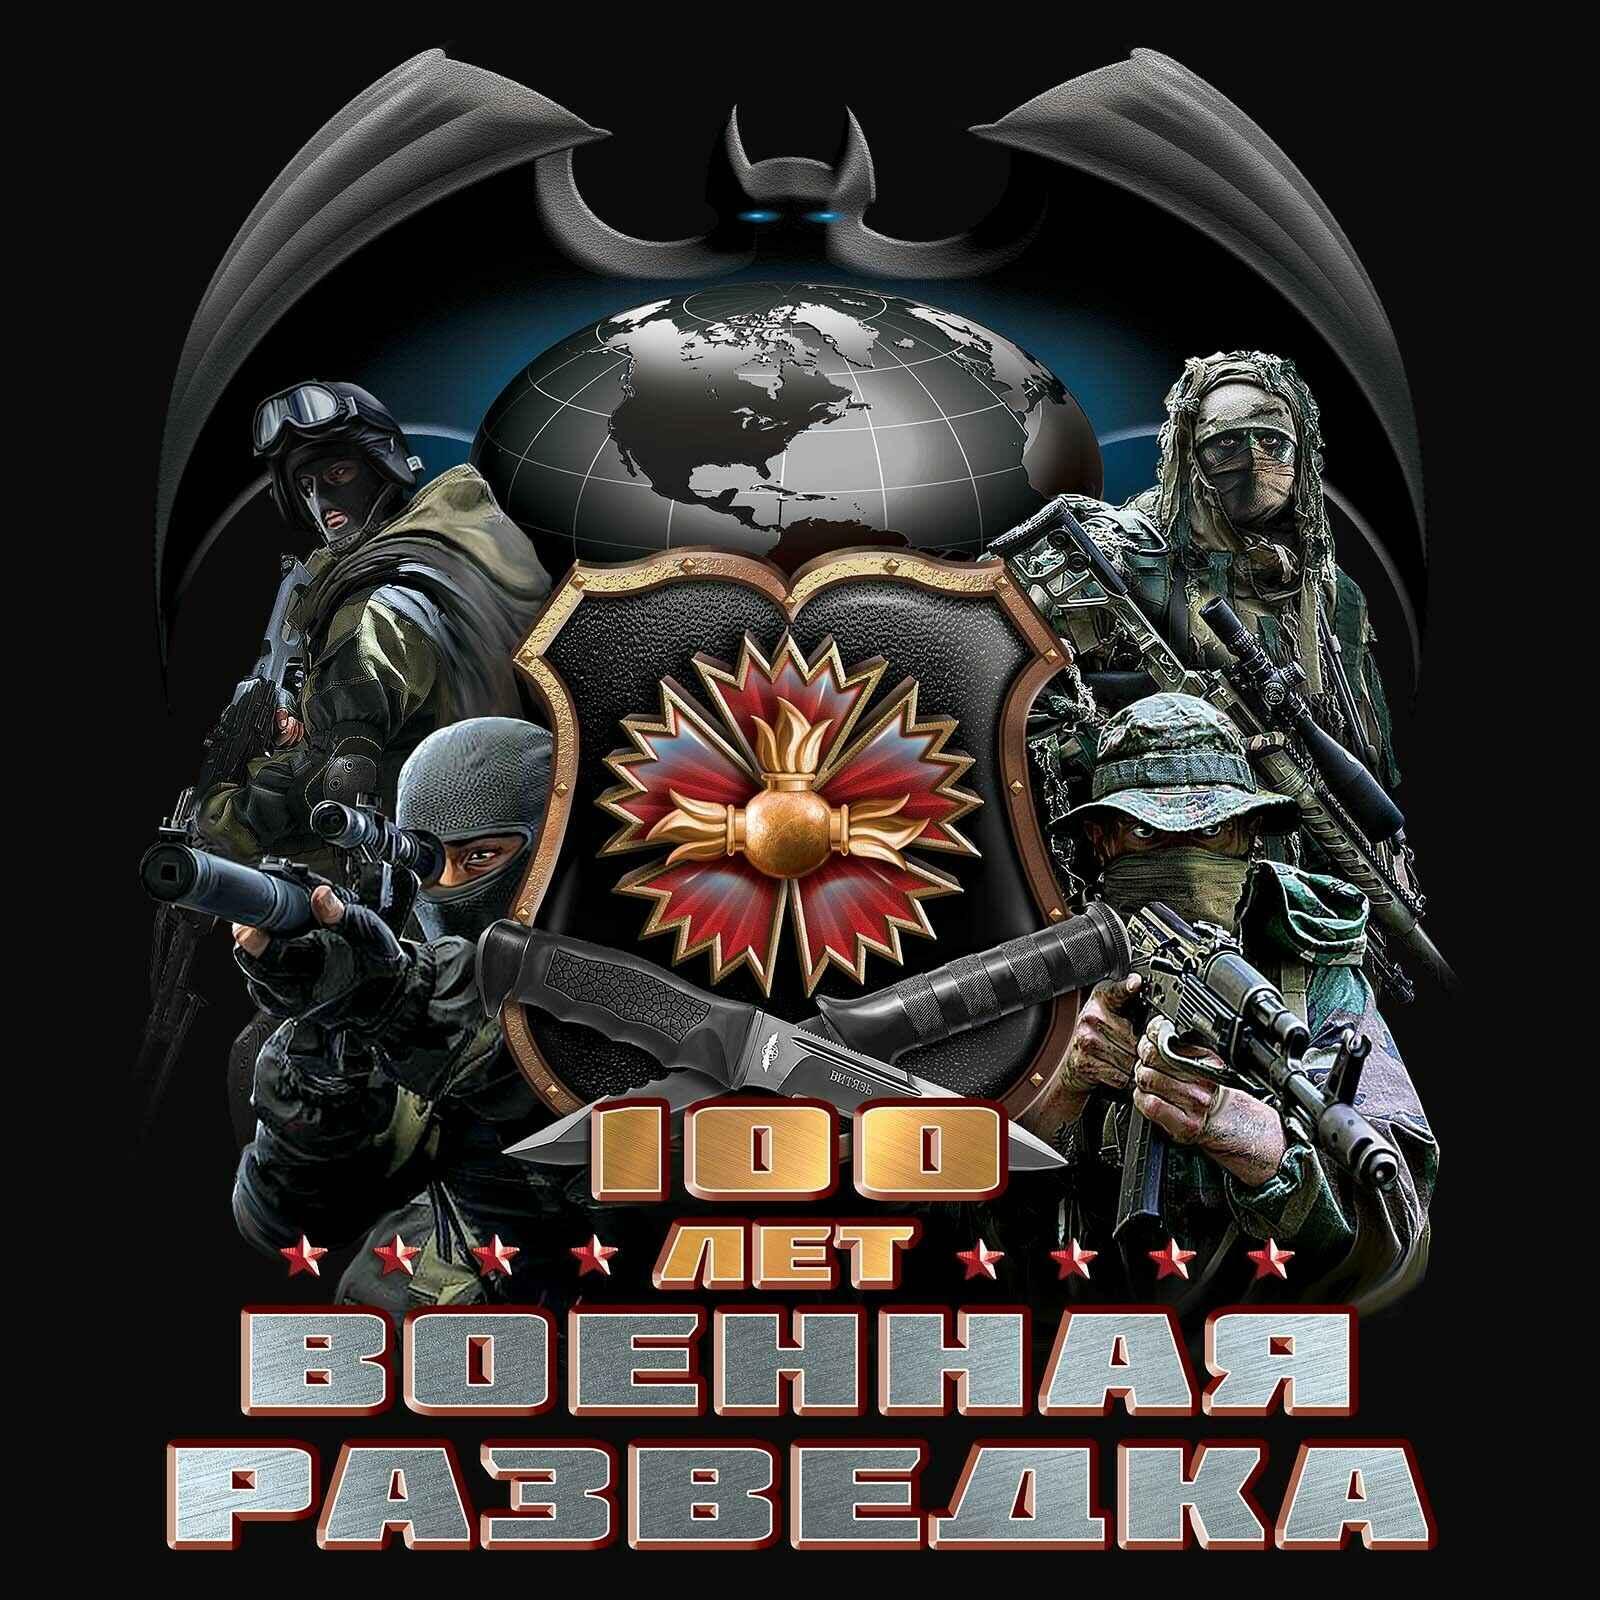 Мужская футболка Военная разведка армия в черном 100% хлопок. Футболки русский Бэтмен